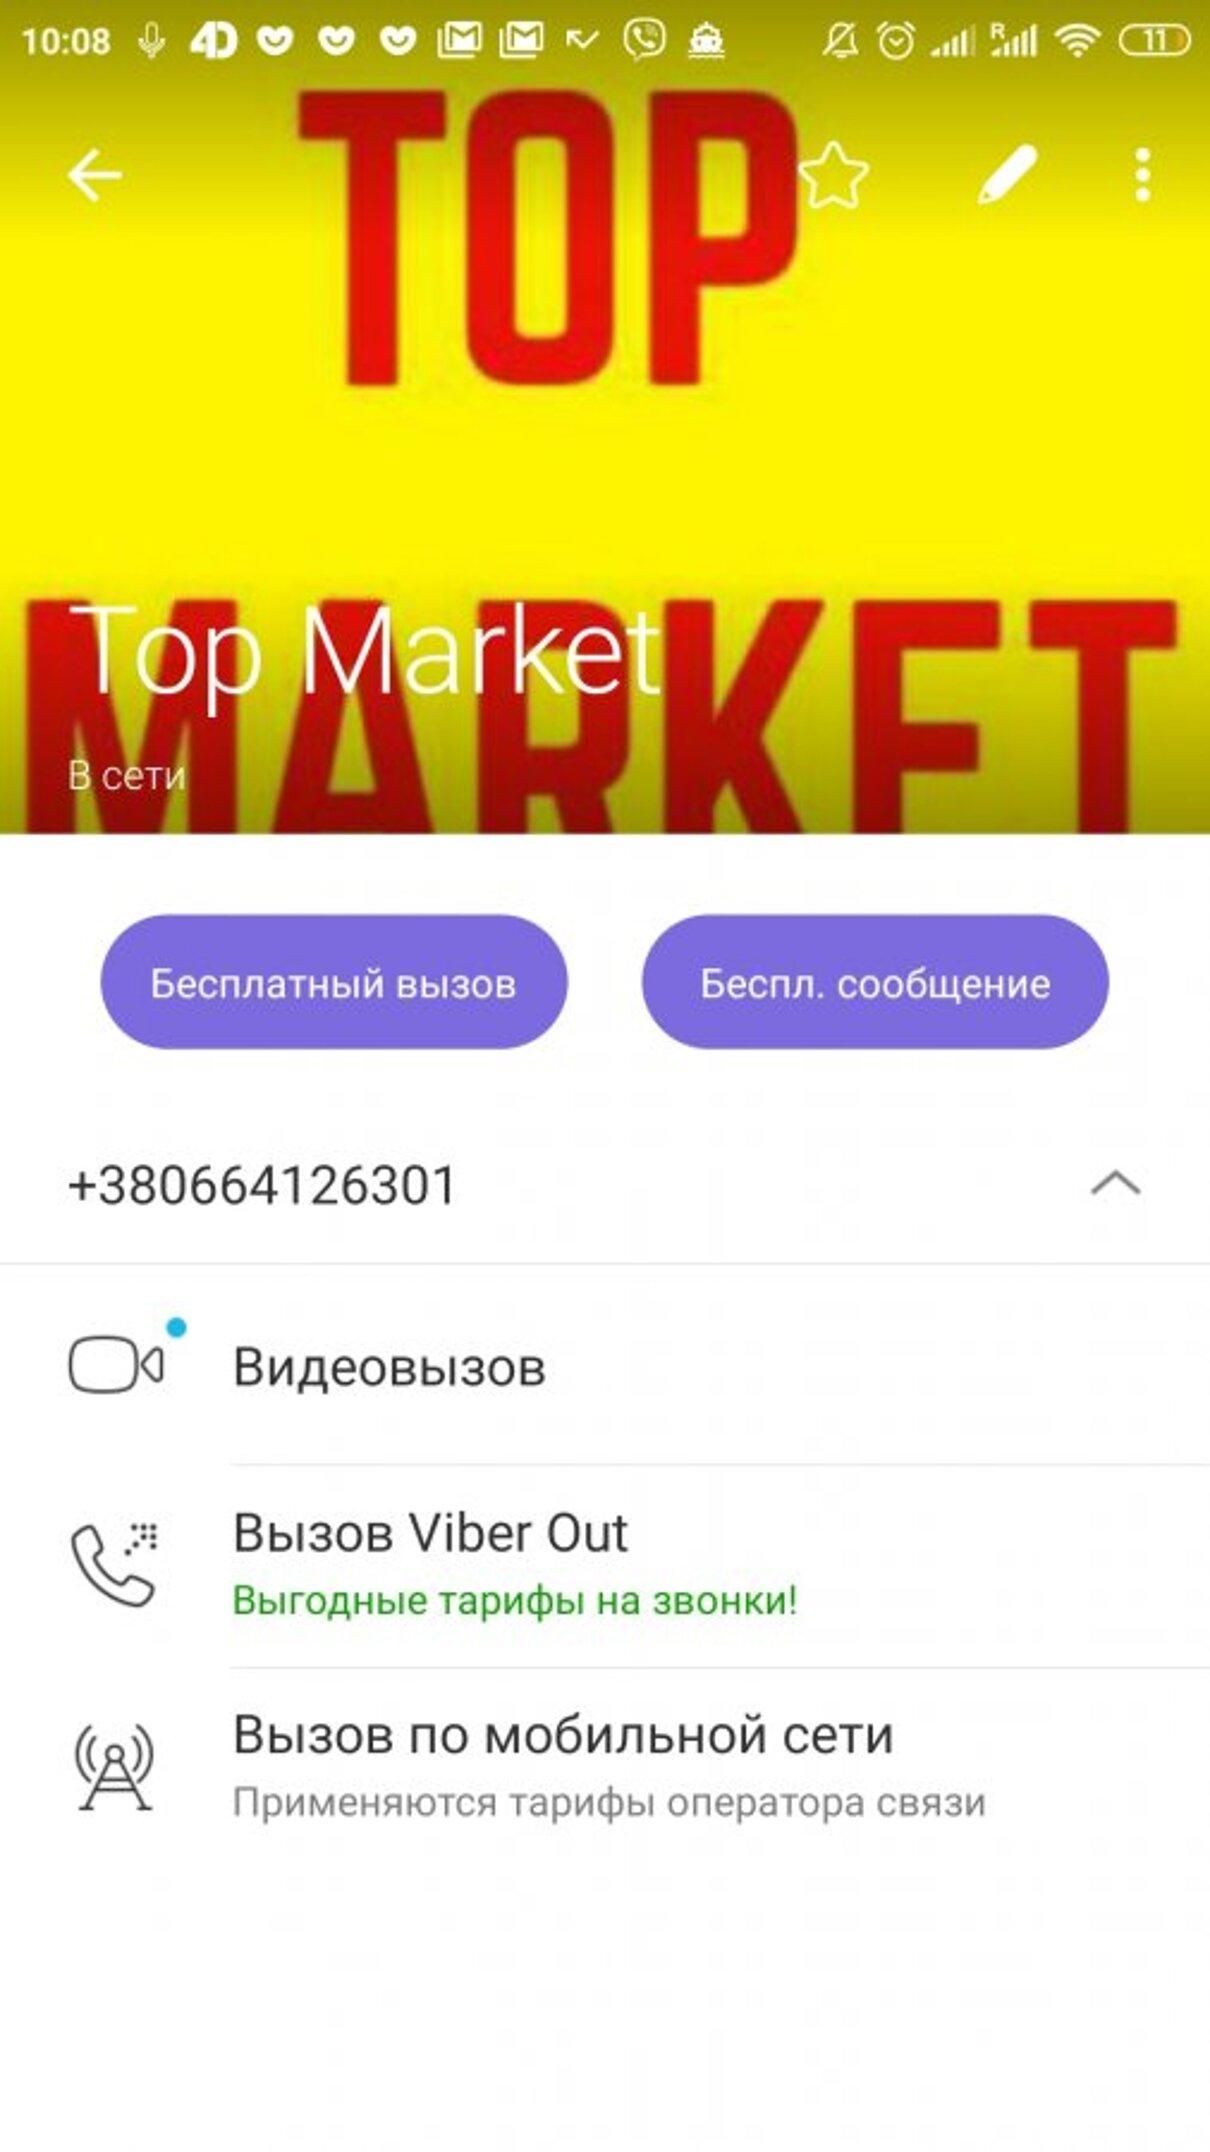 Жалоба-отзыв: Top Market / topmarket1.com.ua / Airpods2 copy - Top Market, Topmarket1.com.ua.  Фото №5